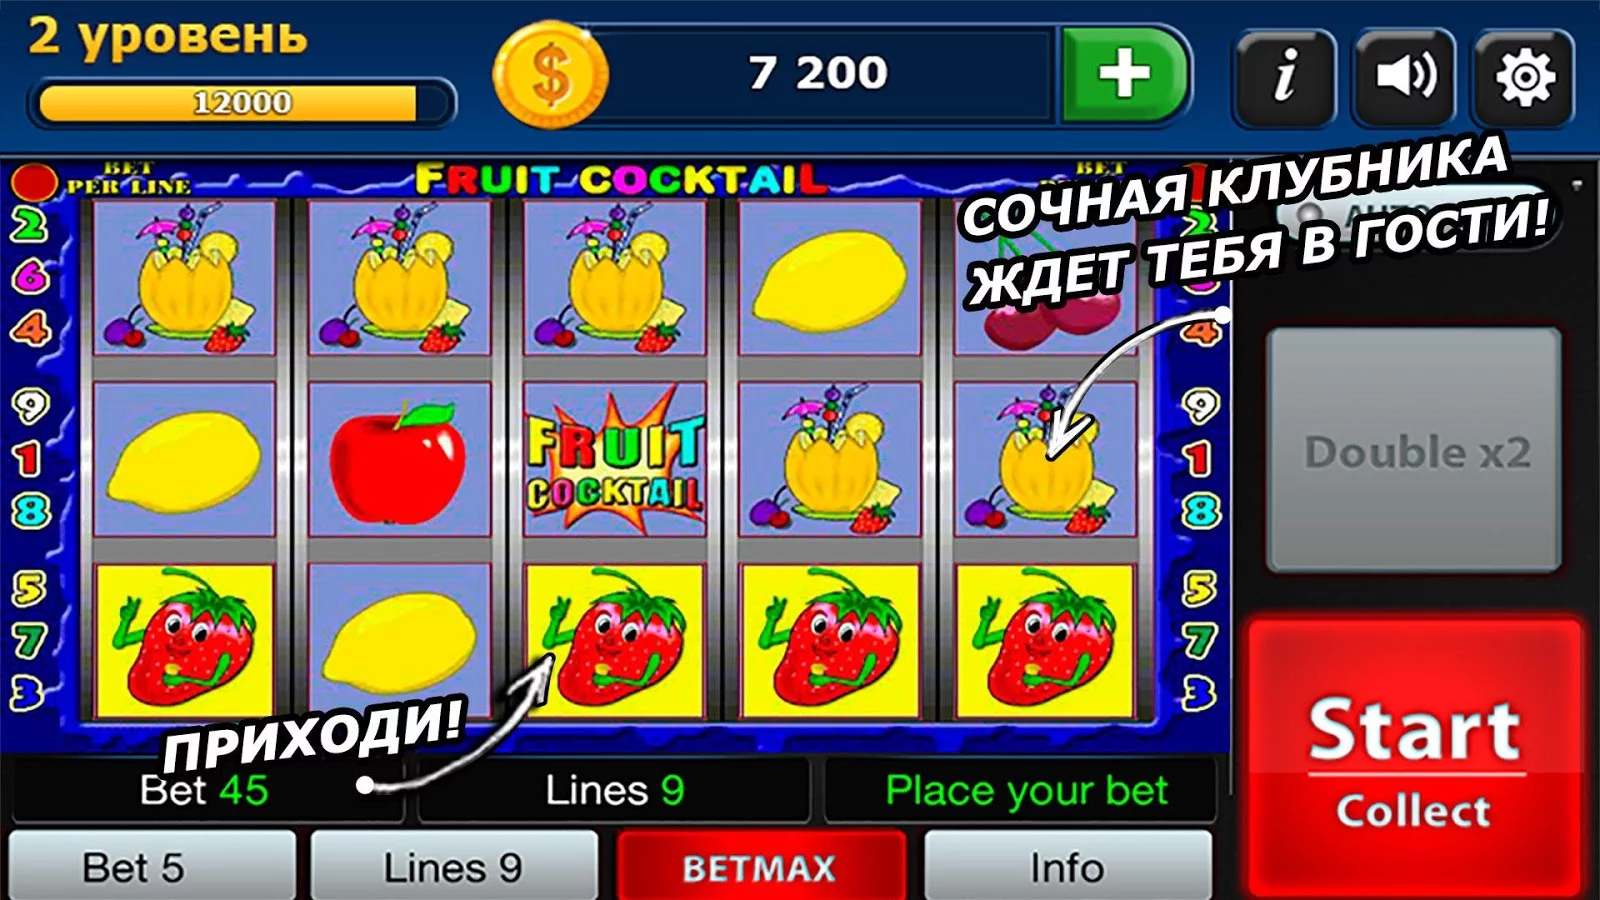 Форум игровые автоматы где играть казино рояль главная муз.тема в титрах